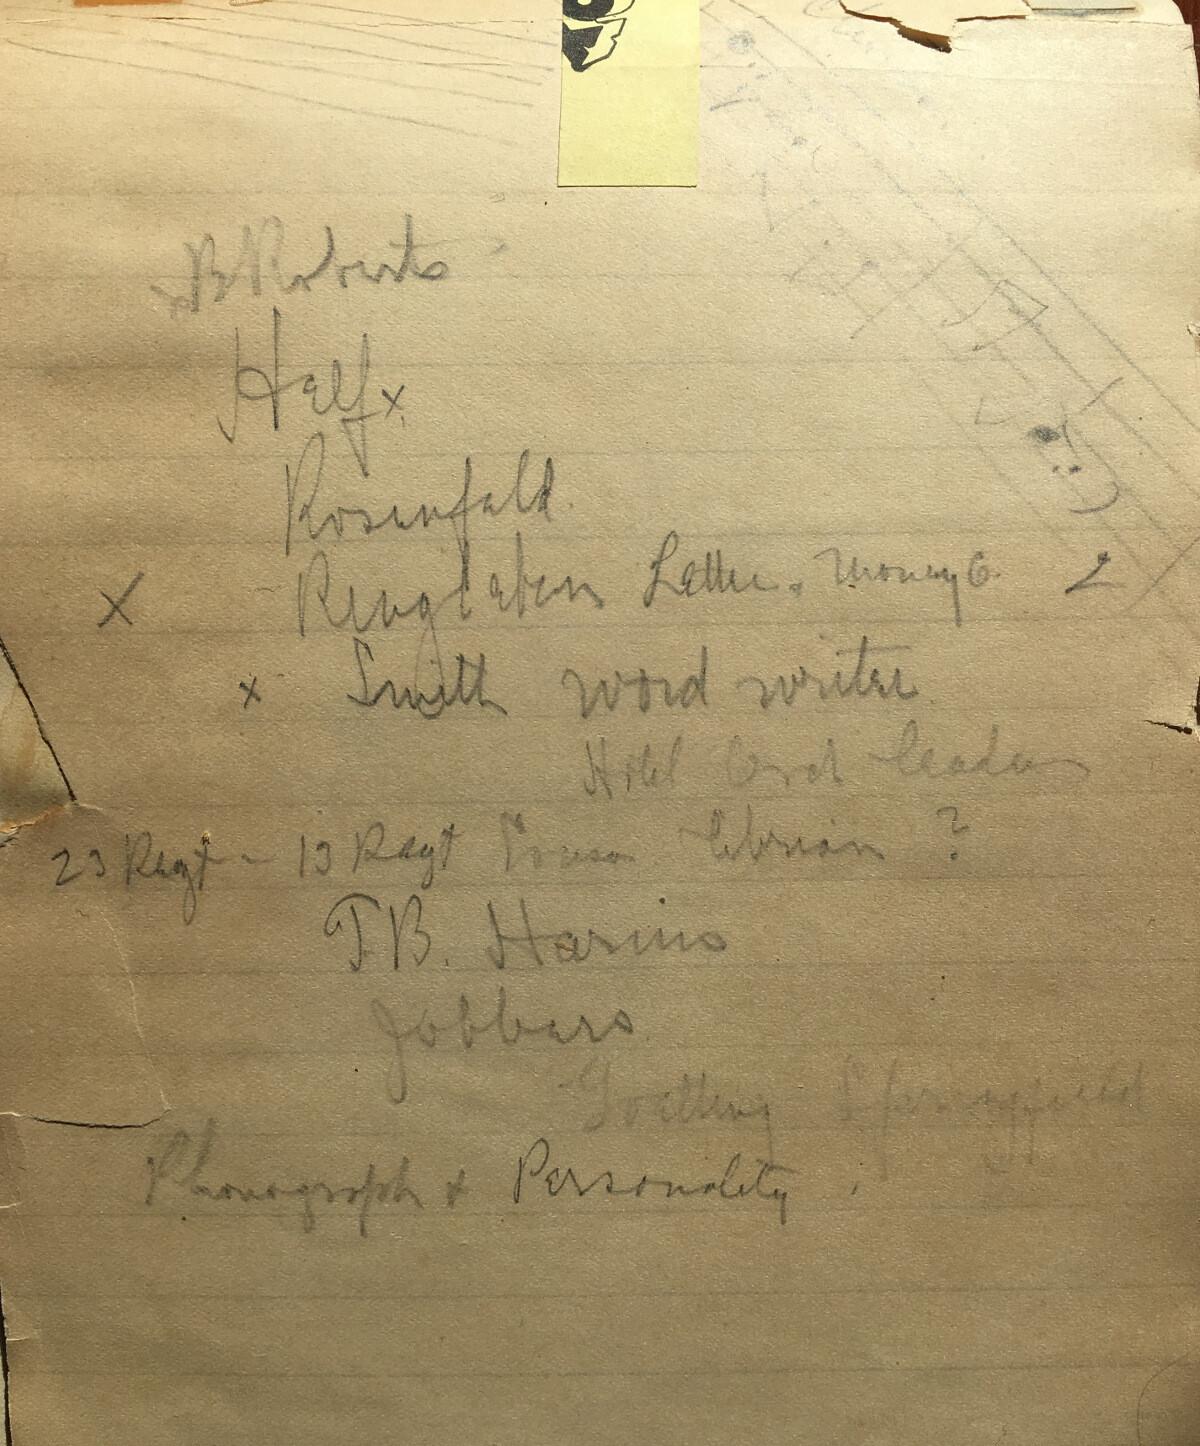 Hager scribbles